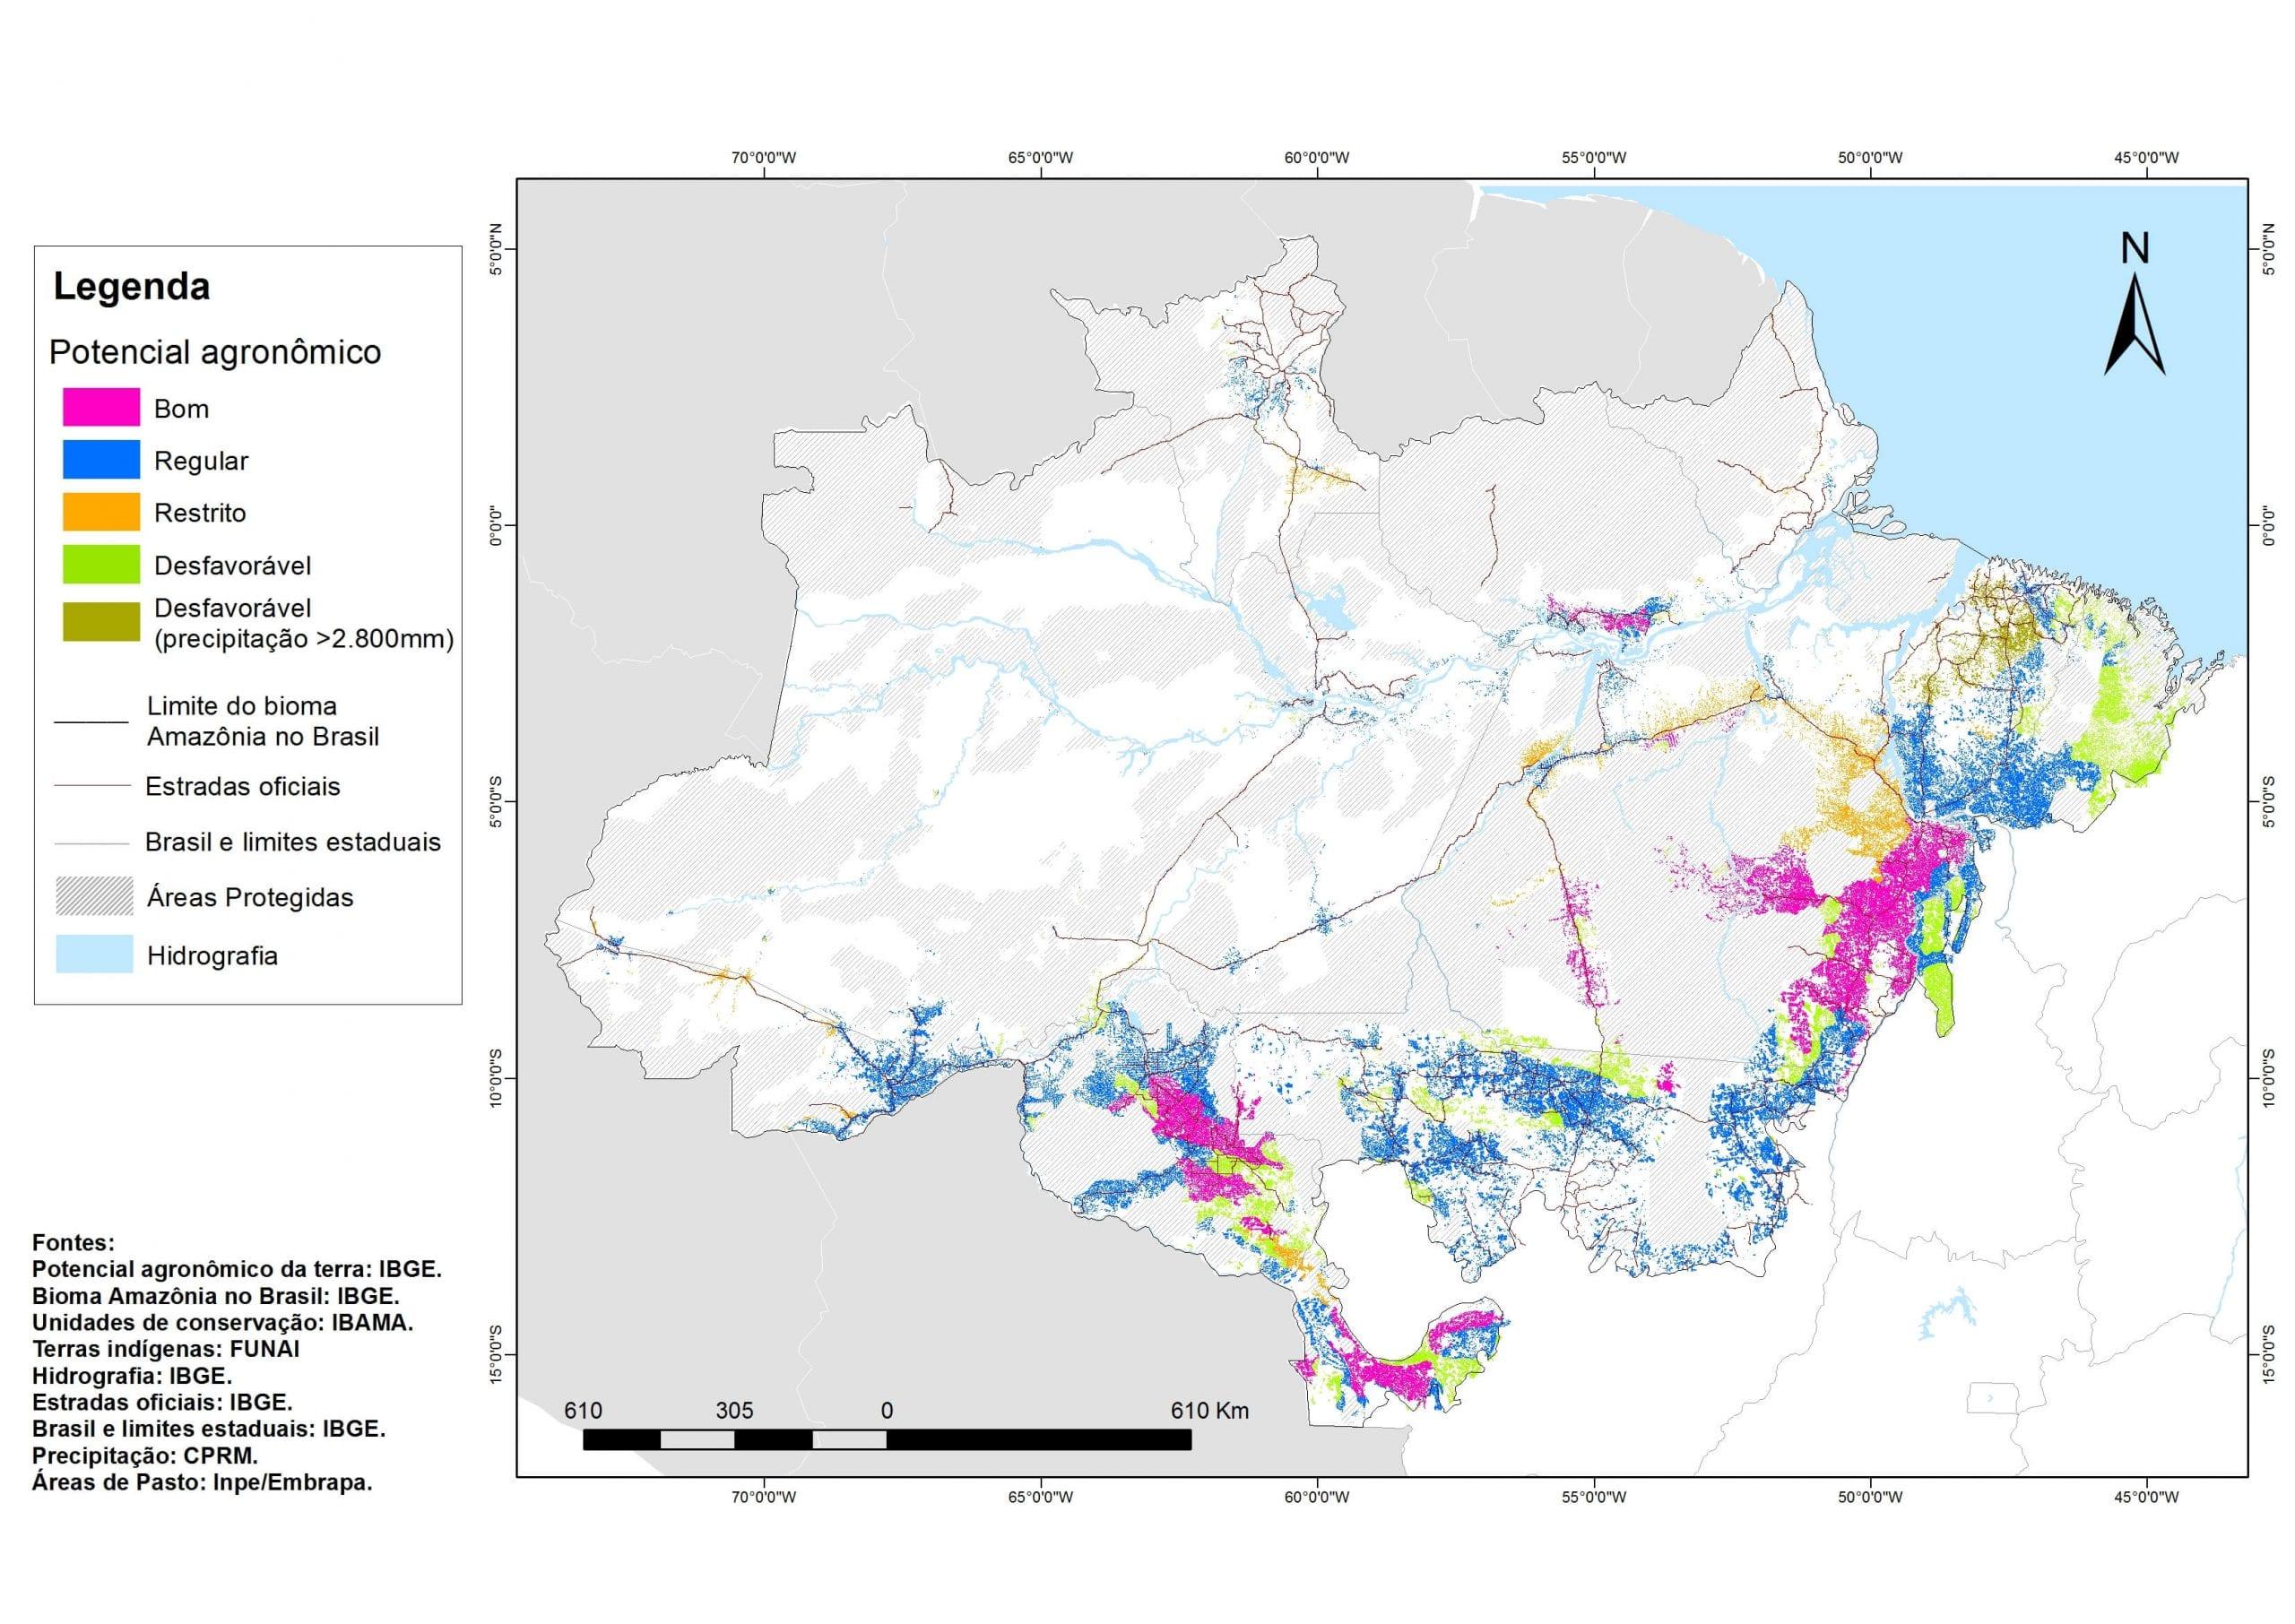 Mapa 1 1 - Potencial agronômico de terras com pasto no bioma Amazônia.